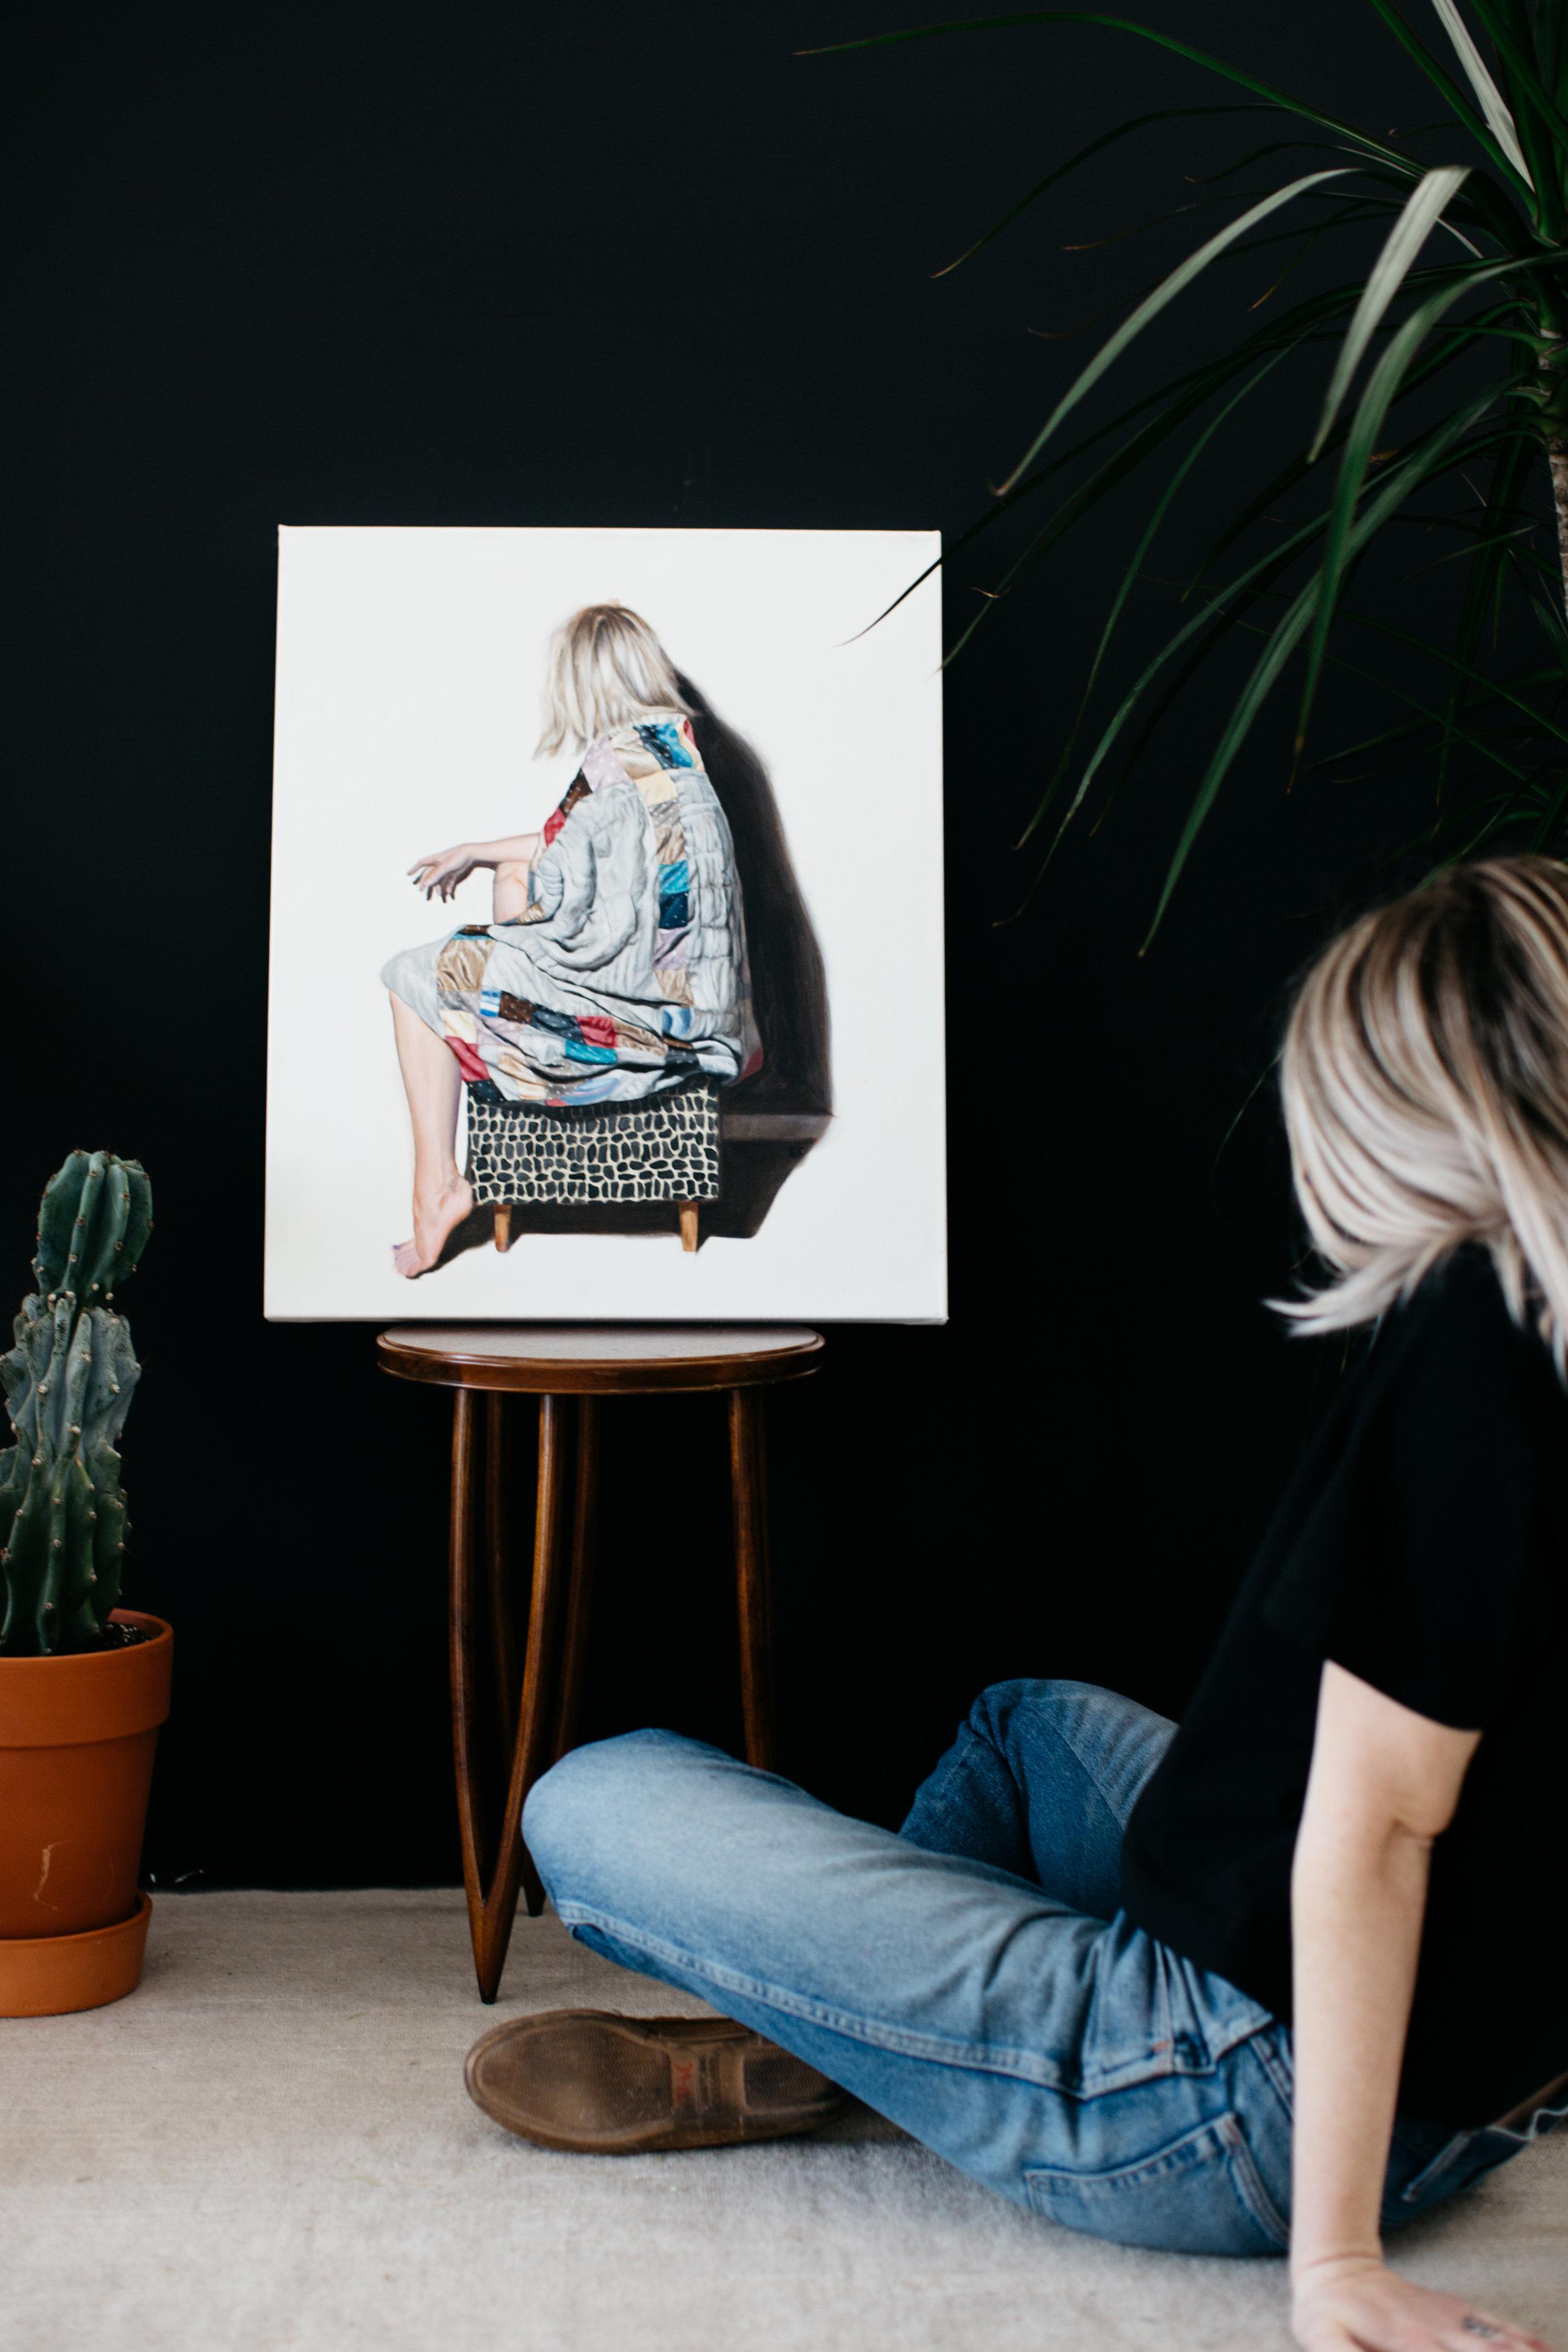 elizabeth-selby-artwork-theepsstudio-7.jpg